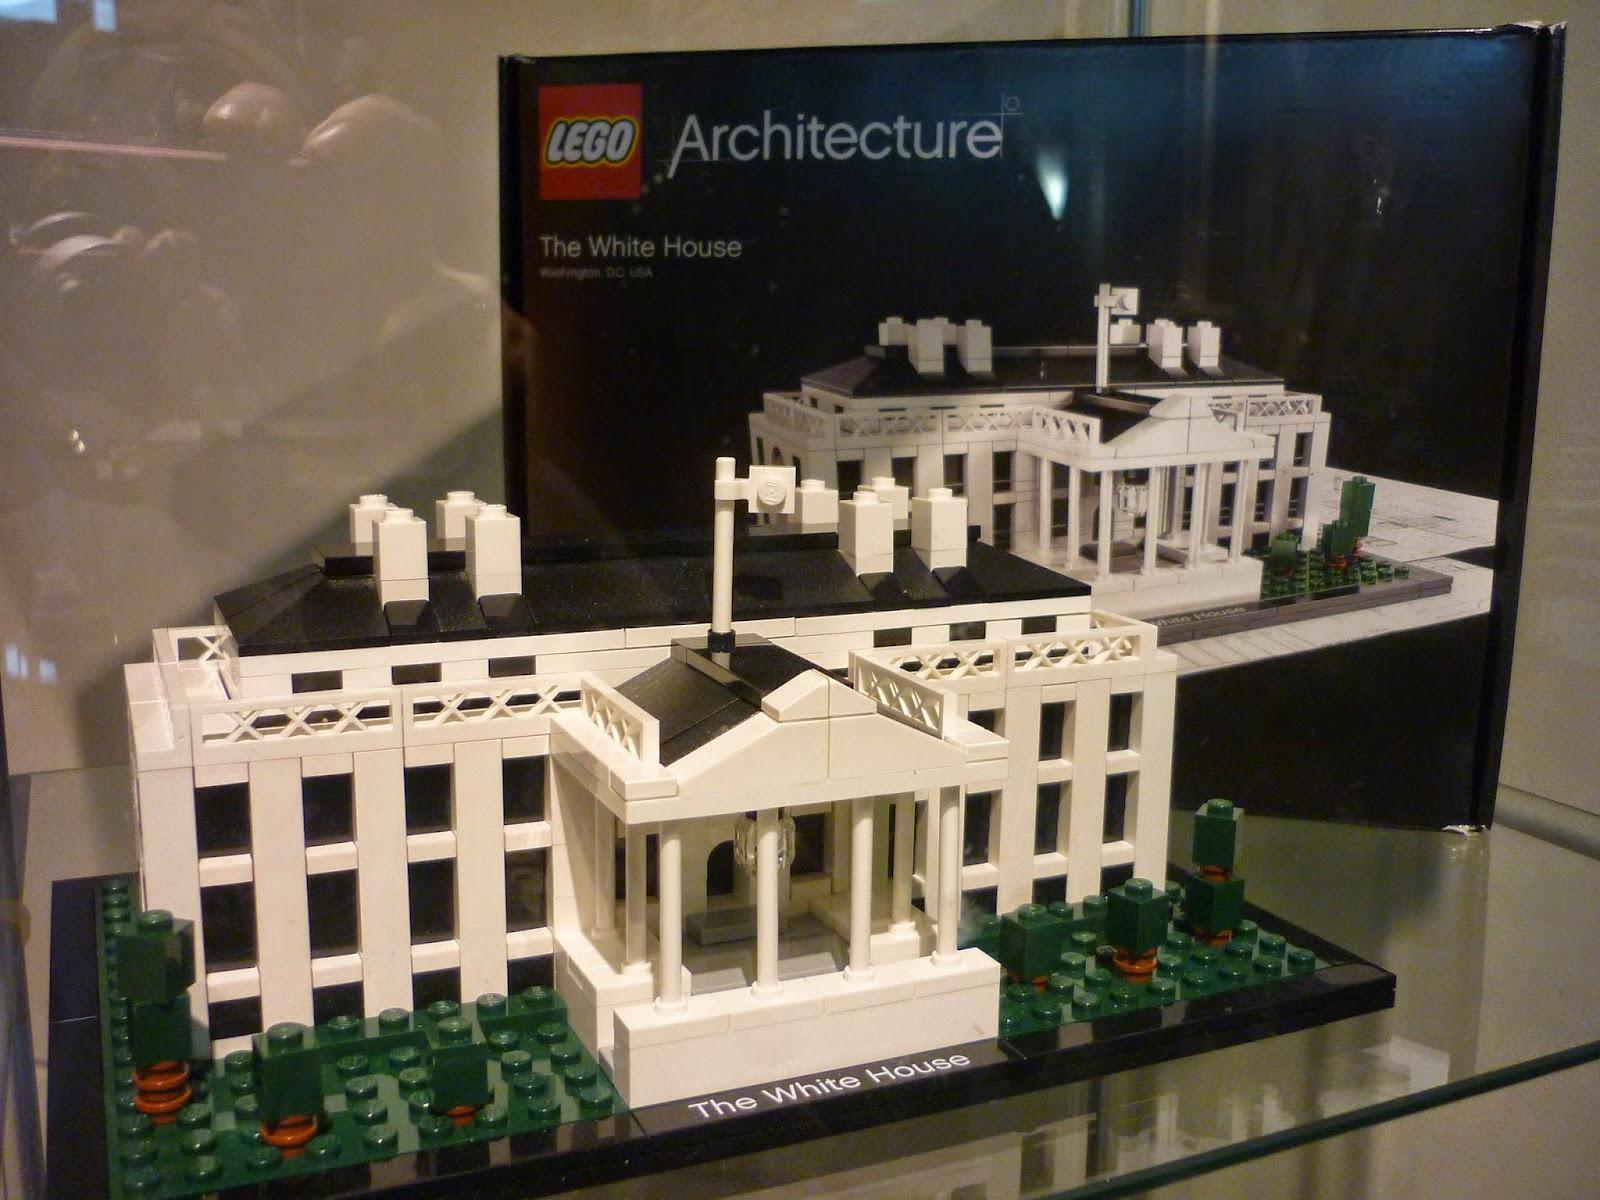 Xq me lo merezco lego architecture en fnac callao - Planos de la casa blanca ...